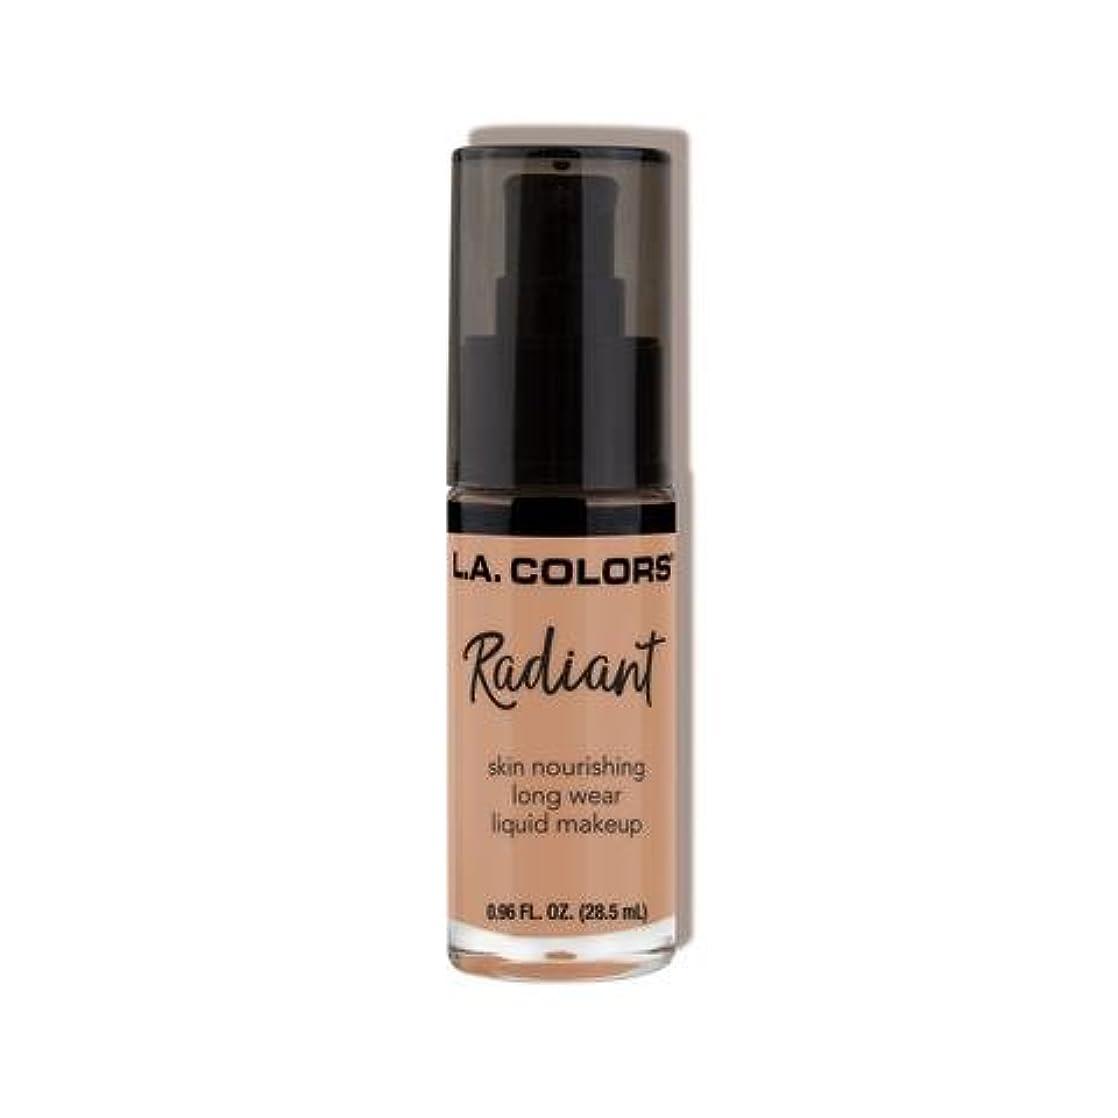 滅多パブ望まない(3 Pack) L.A. COLORS Radiant Liquid Makeup - Golden Honey (並行輸入品)